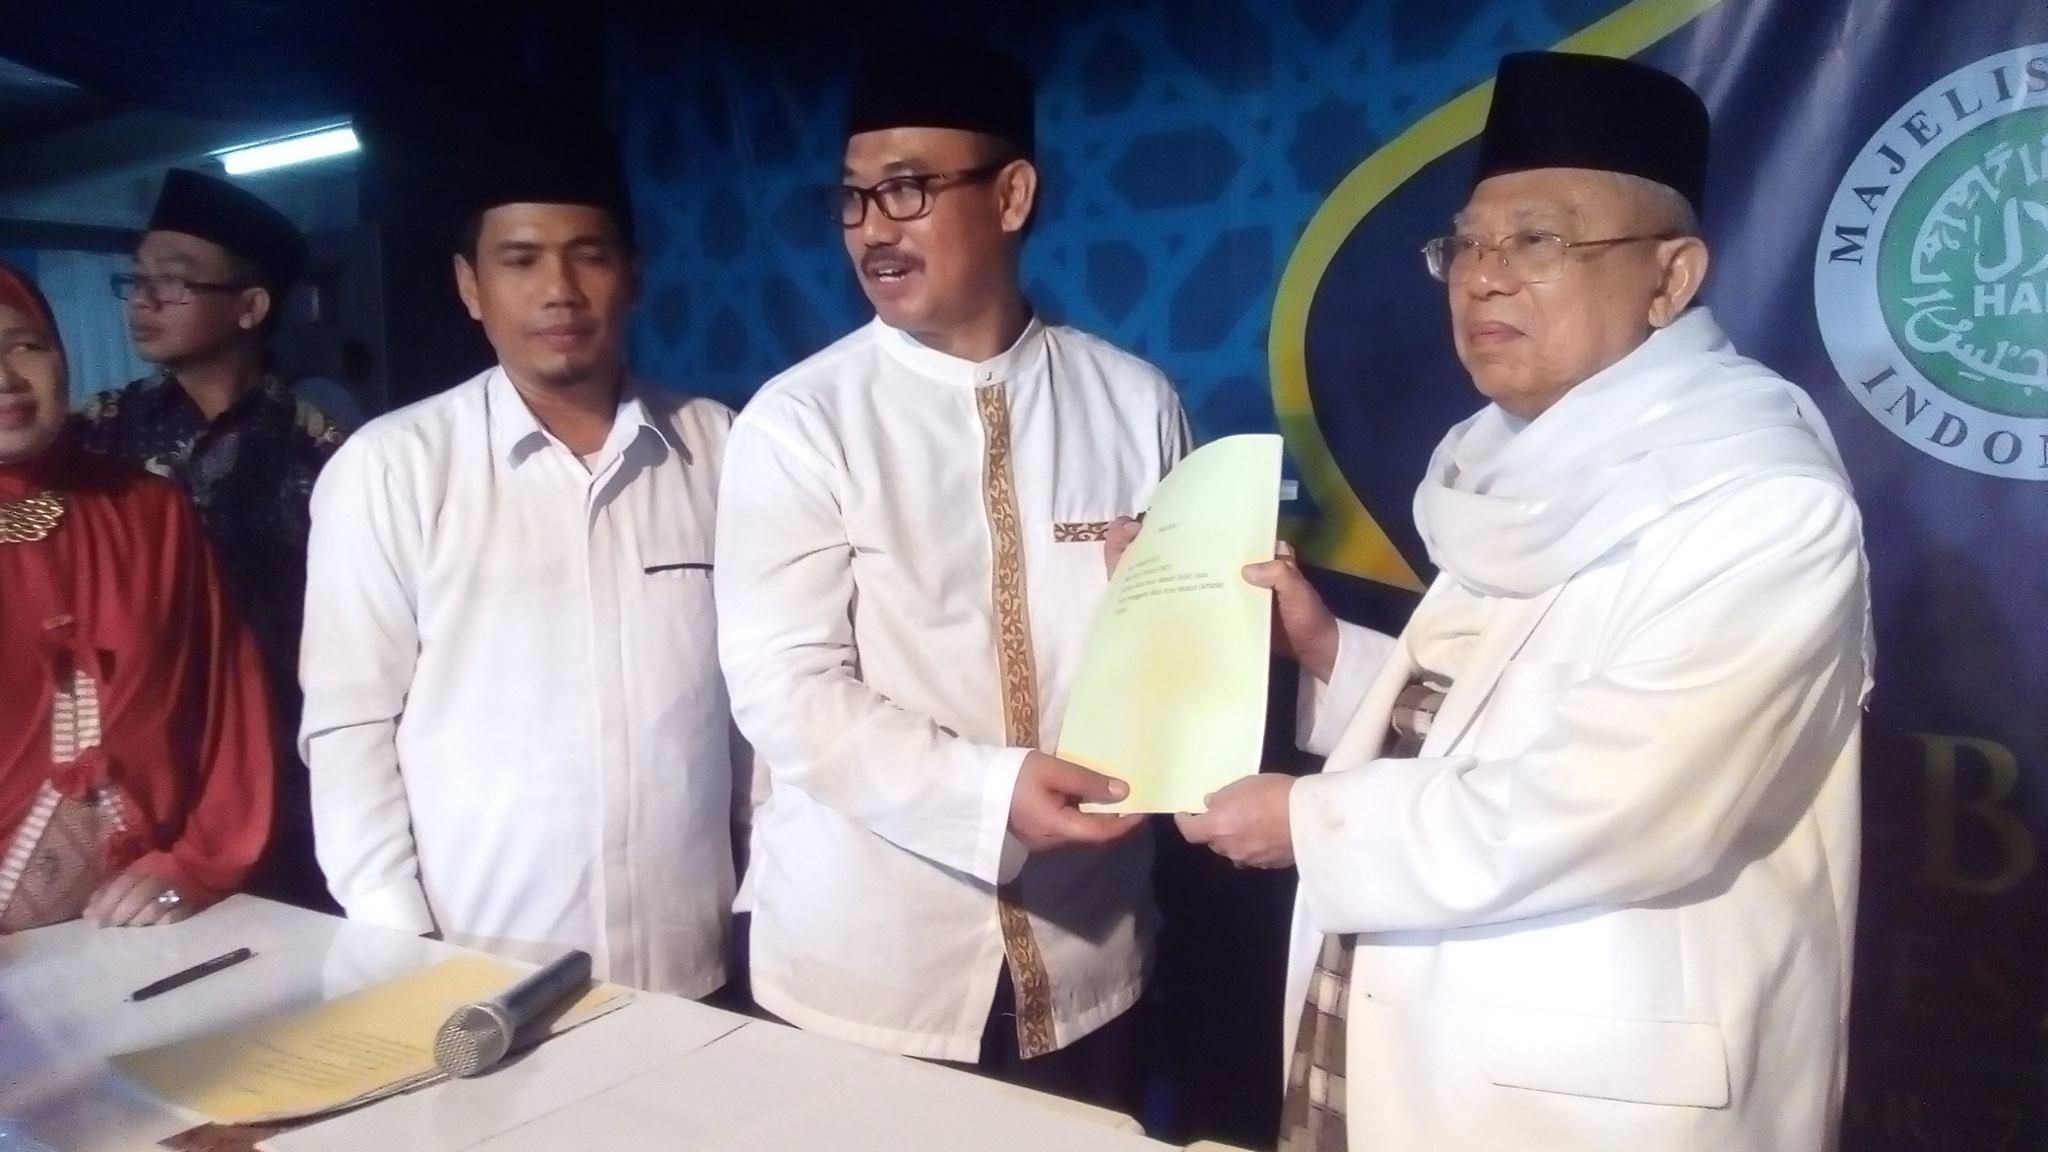 Gedung Global Halal Center Bogor Diwakafkan Ke MUI Pusat